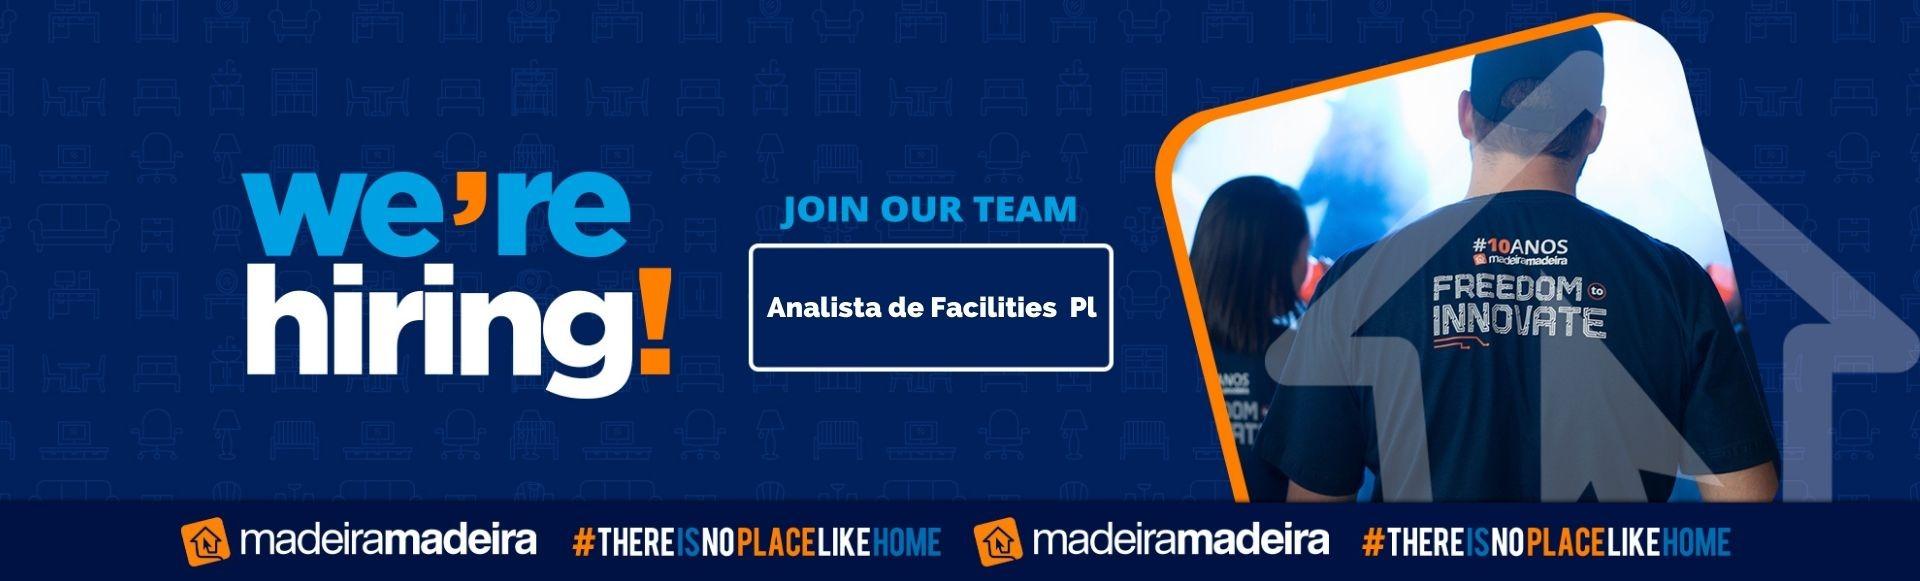 Analista de Facilities PL